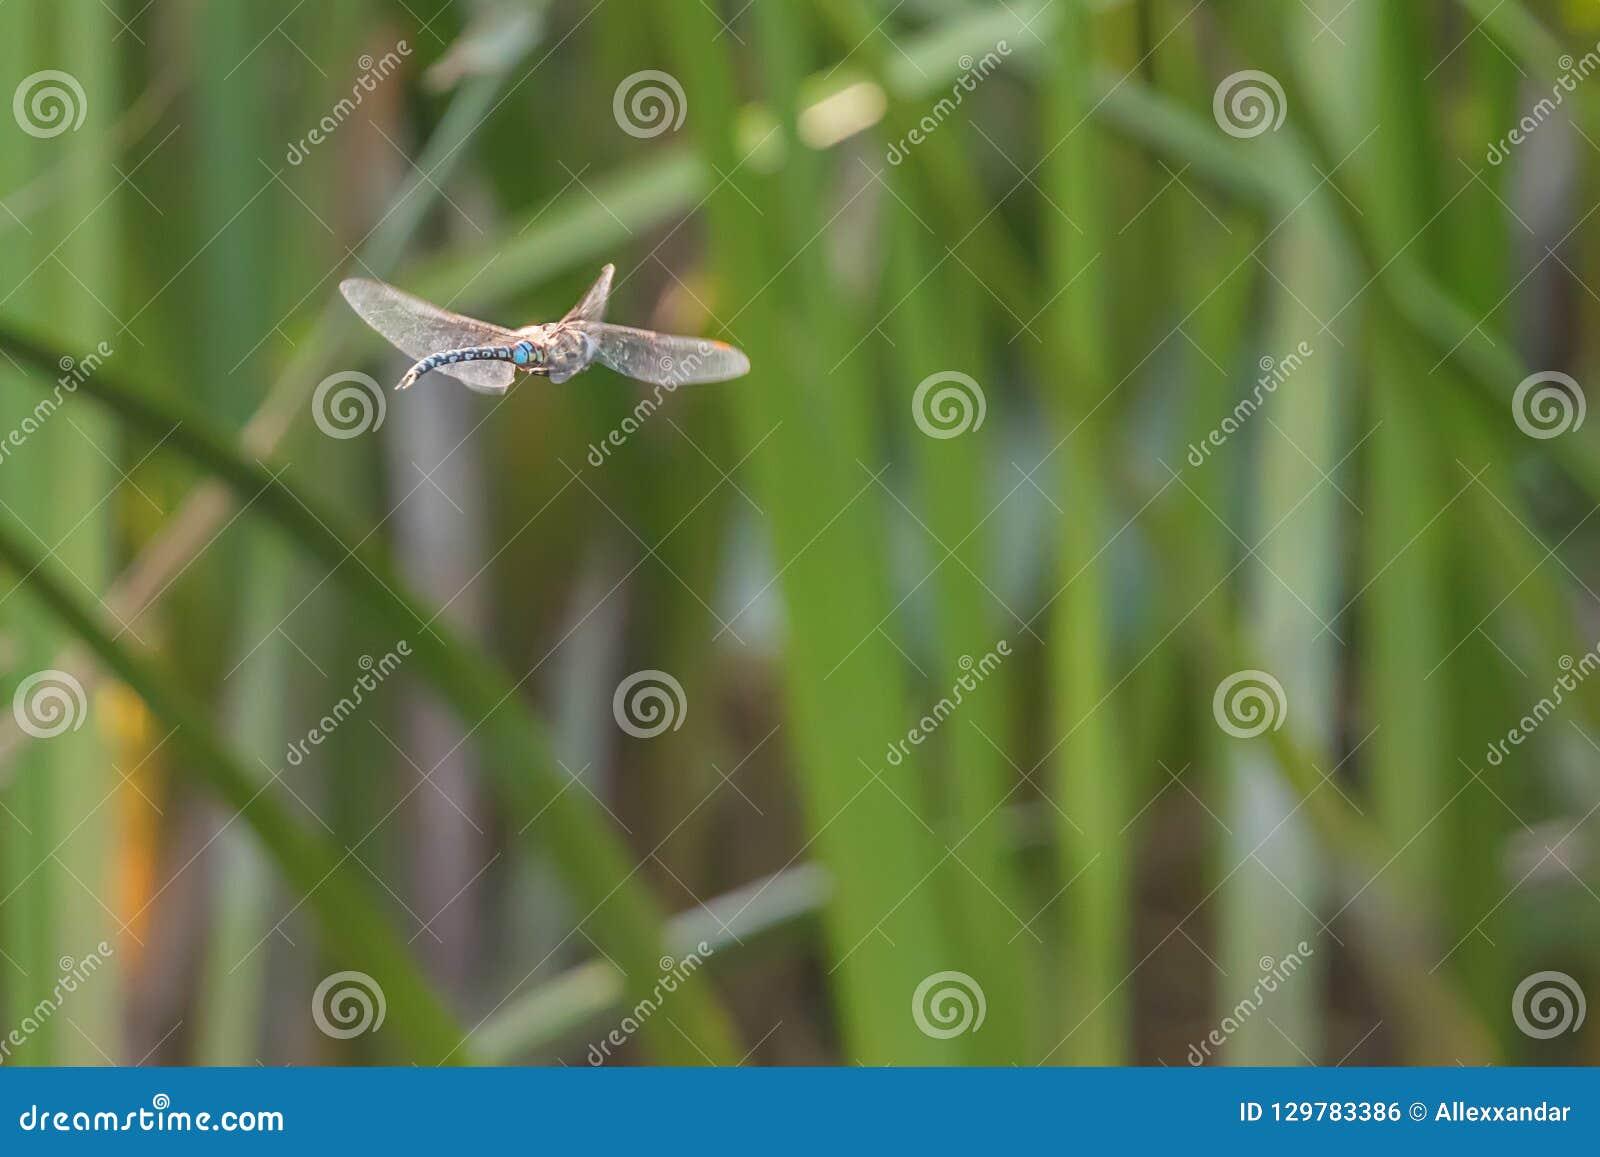 Голубой Dragonfly императора завиша в imperator Anax полета